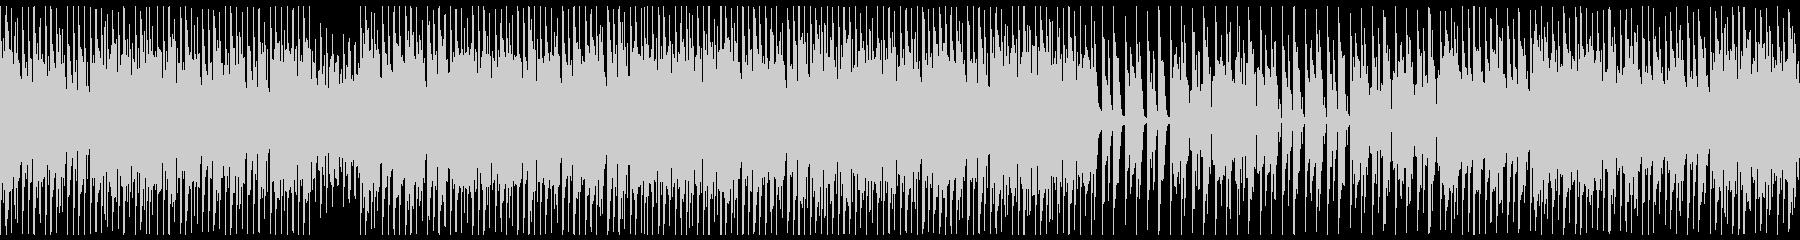 ほのぼのポップなピアノのテクノの未再生の波形